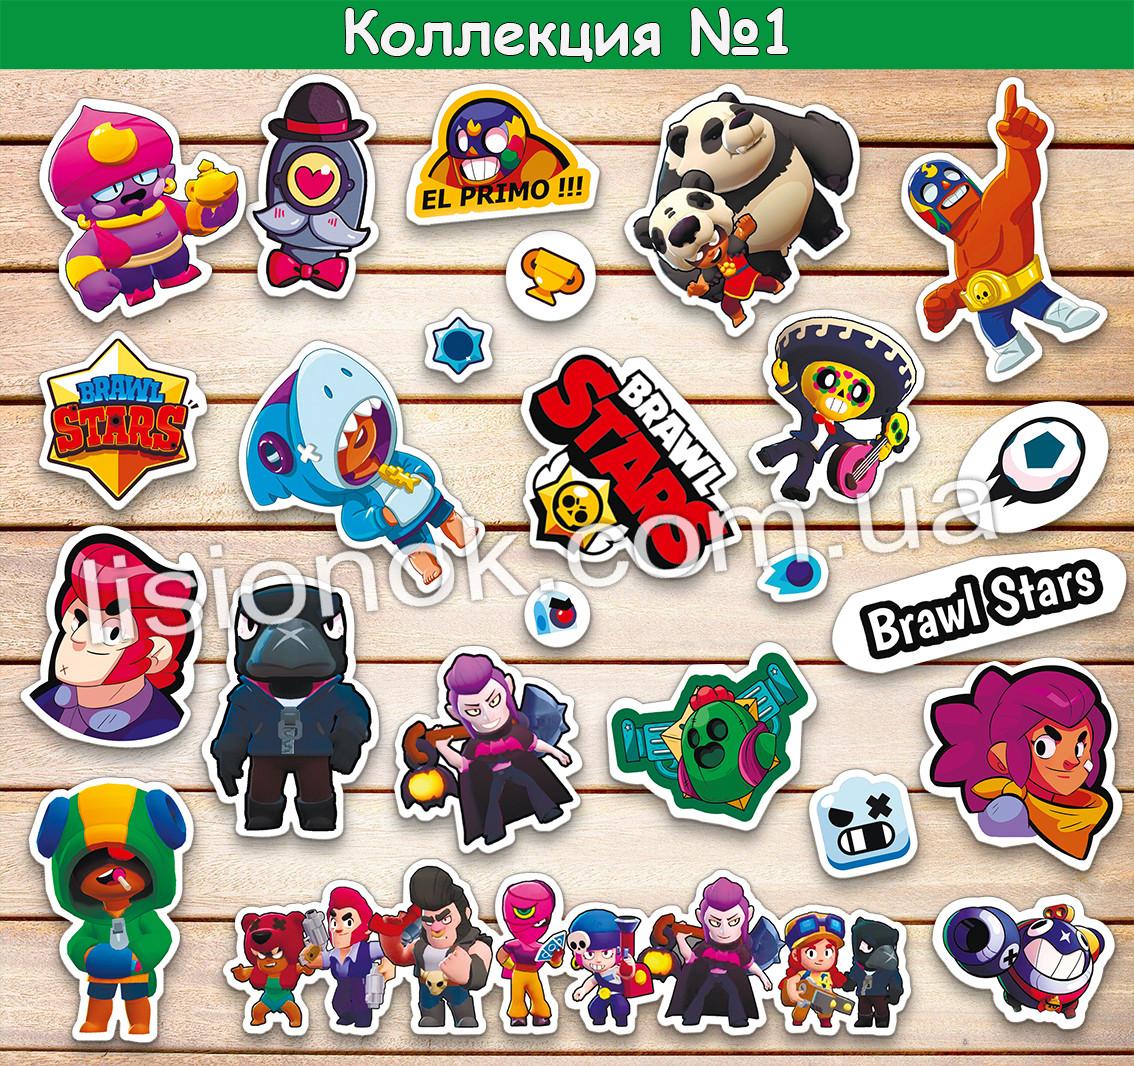 Набір наліпок Старс (Колекція №1) з героями улюбленої гри, стікери Stars